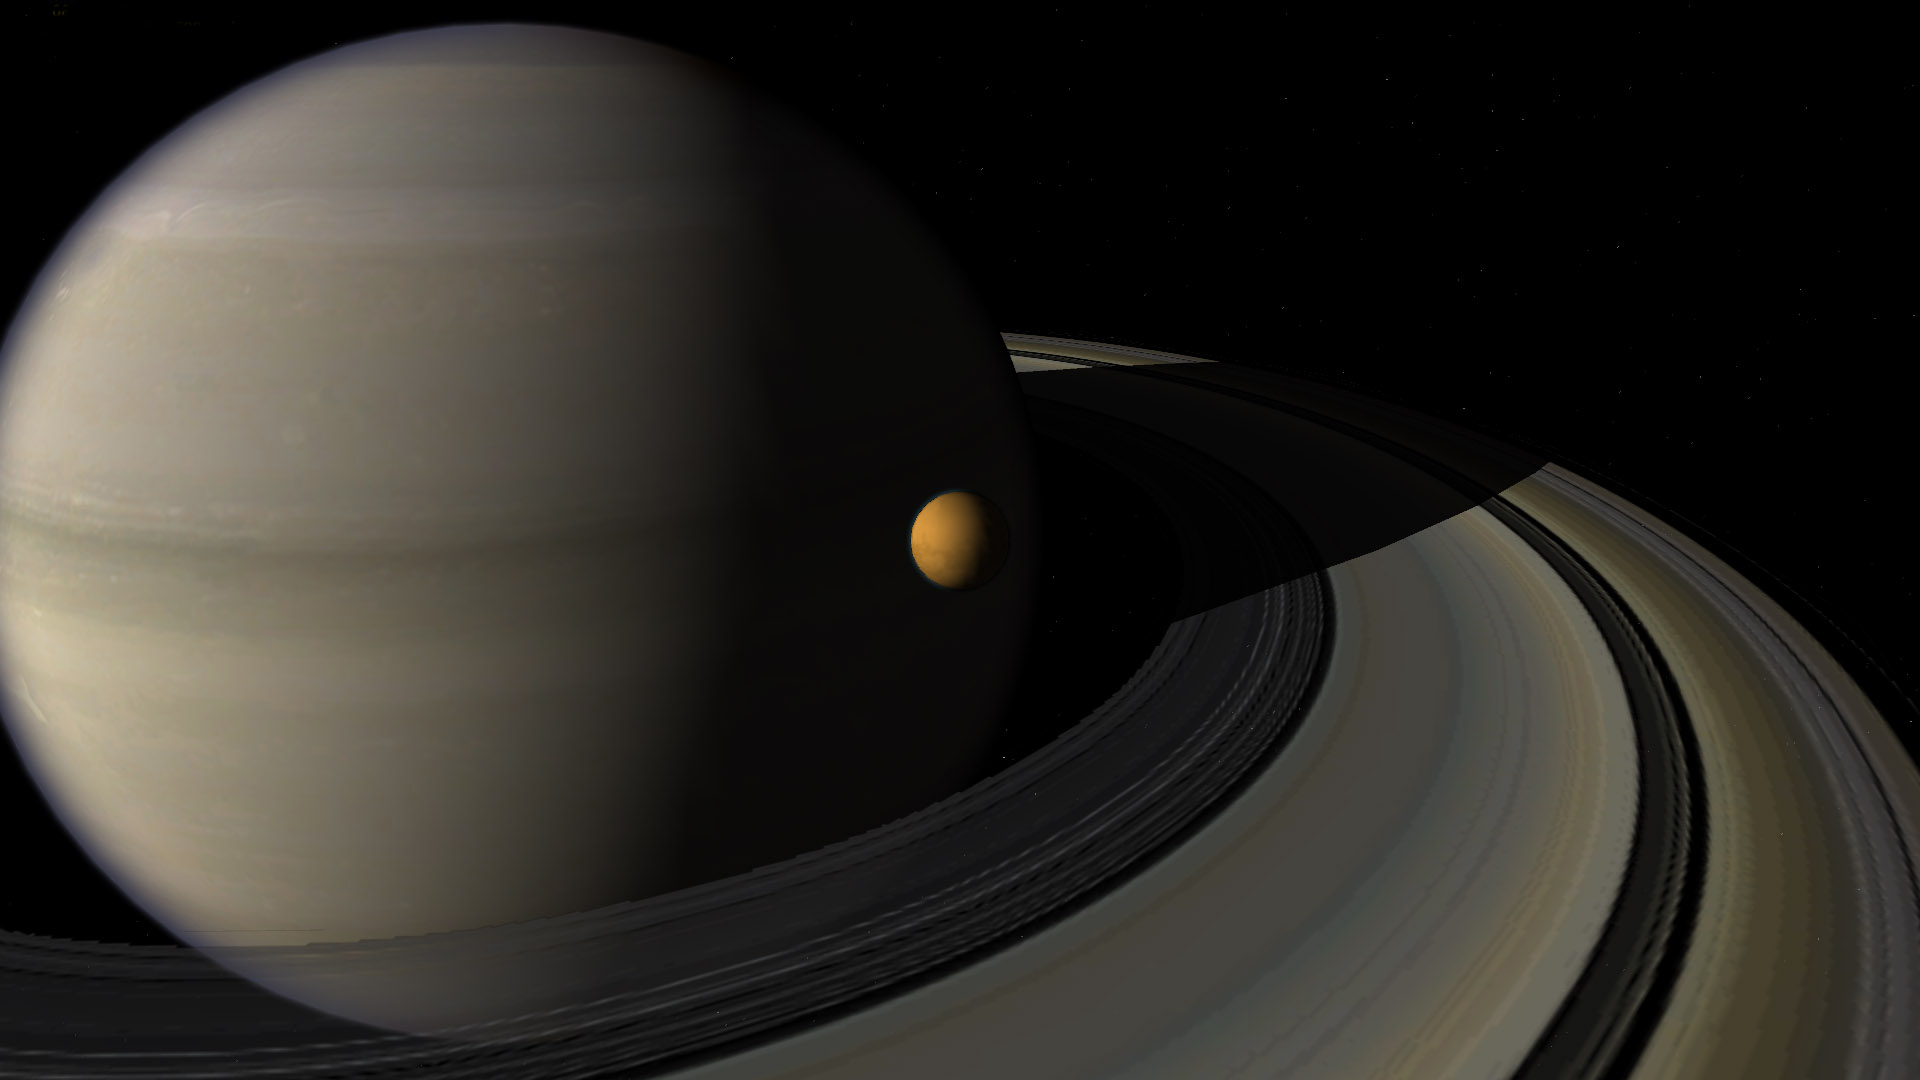 показывают, большая фотография планеты сатурн менее народу